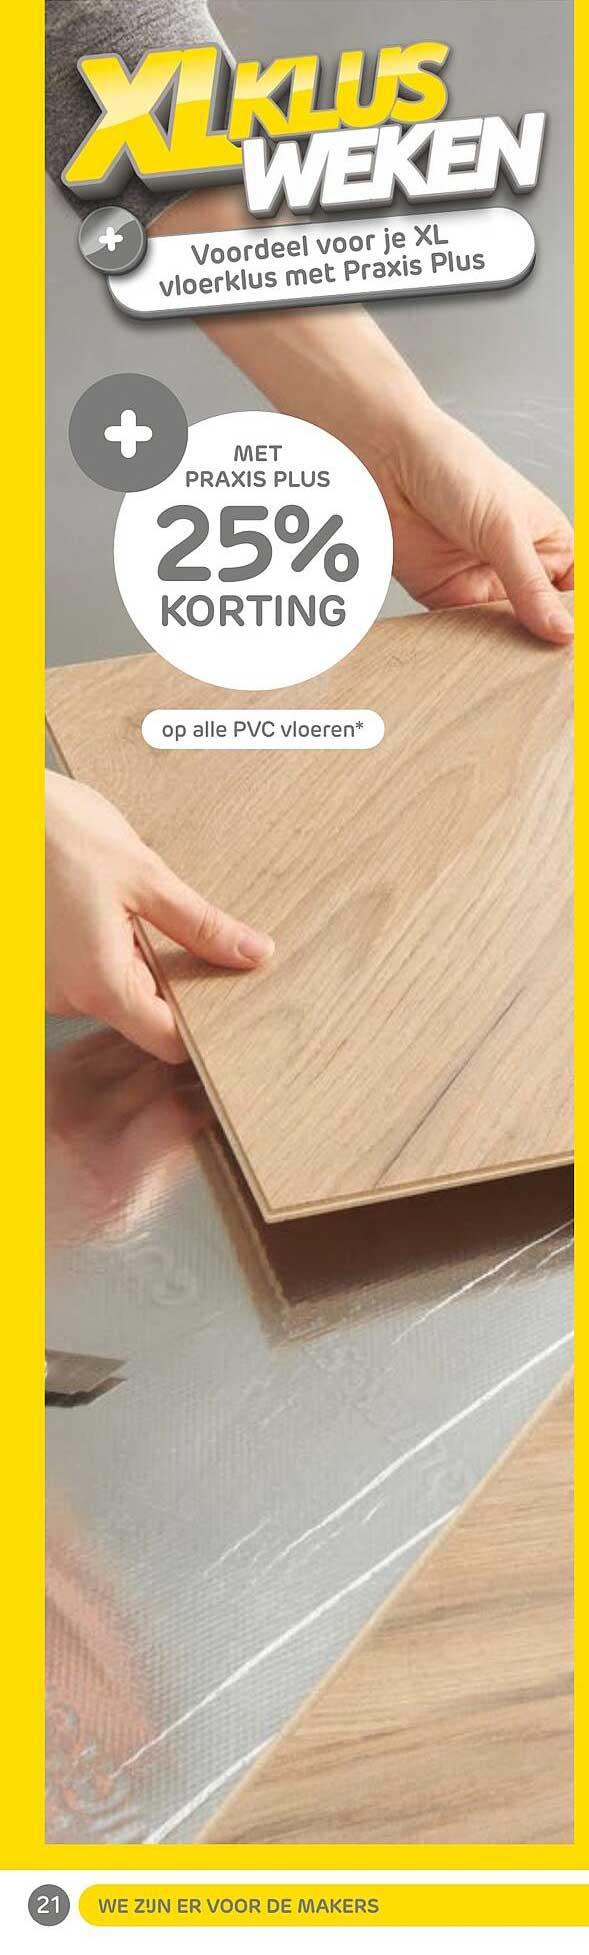 Praxis Op Alle PVC Vloeren 25% Korting